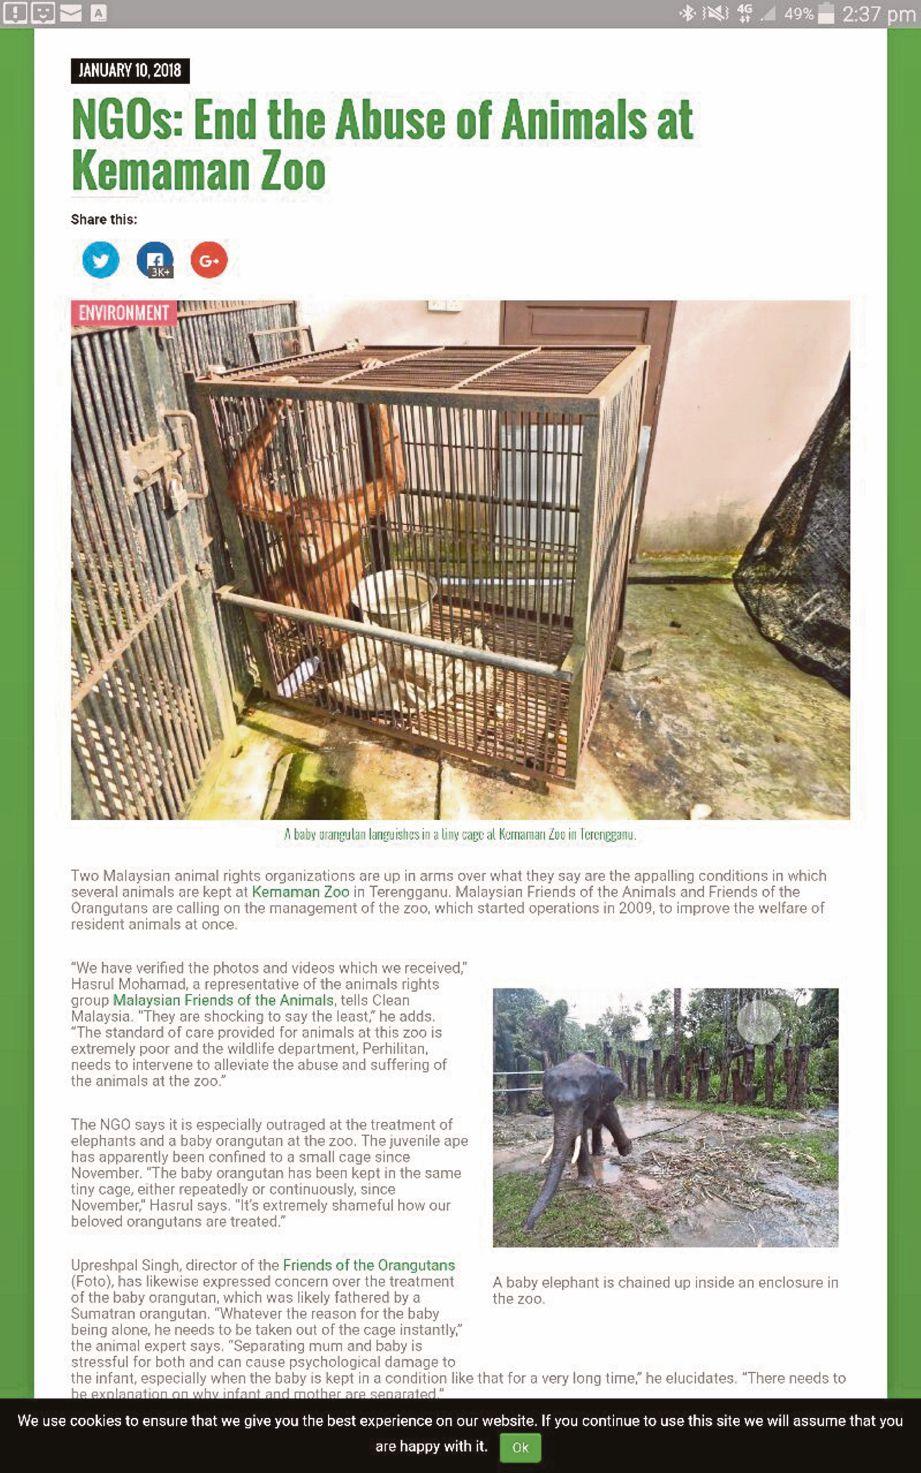 Artikel berhubung haiwan liar didakwa dianiaya di Zoo Kemaman, Terengganu.